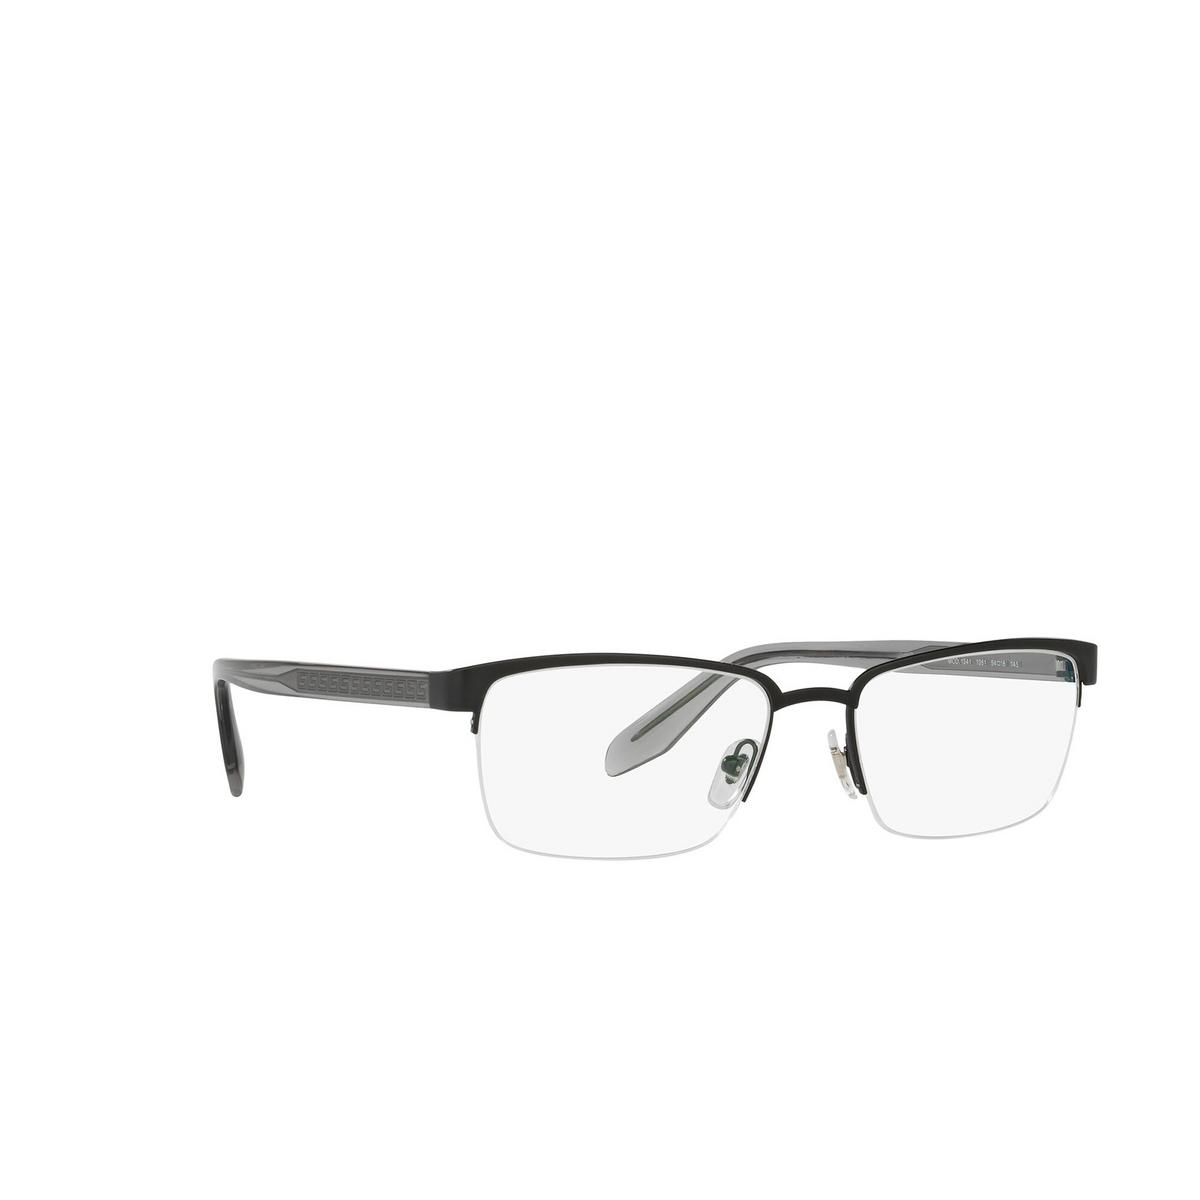 Versace® Rectangle Eyeglasses: VE1241 color Matte Black 1261 - three-quarters view.